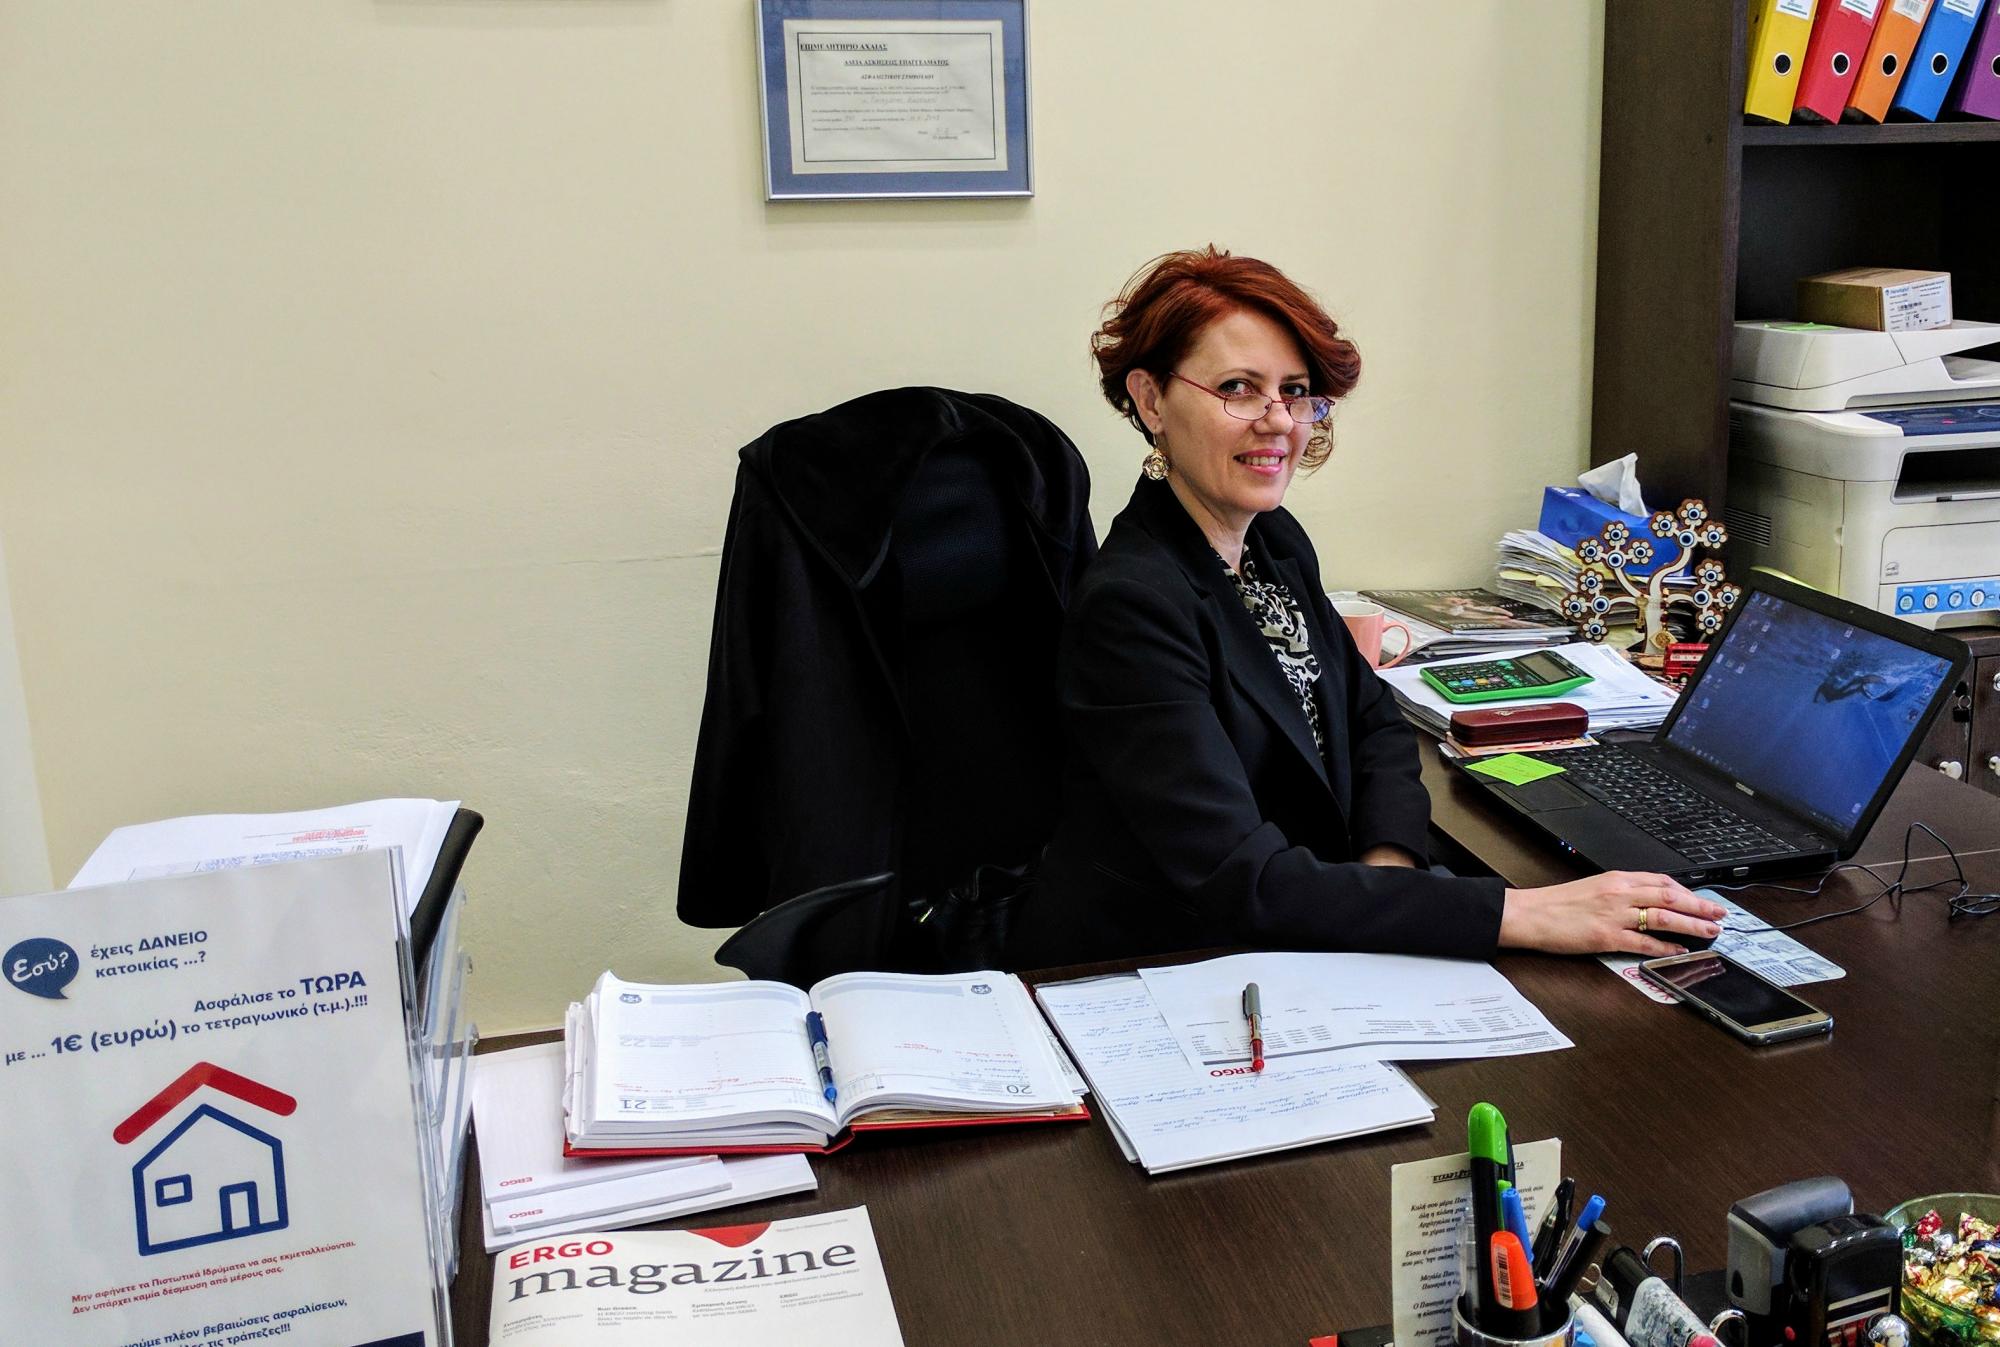 Η κ. Κατσαρού Πηνελόπη, στο γραφείο της στην Πάτρα